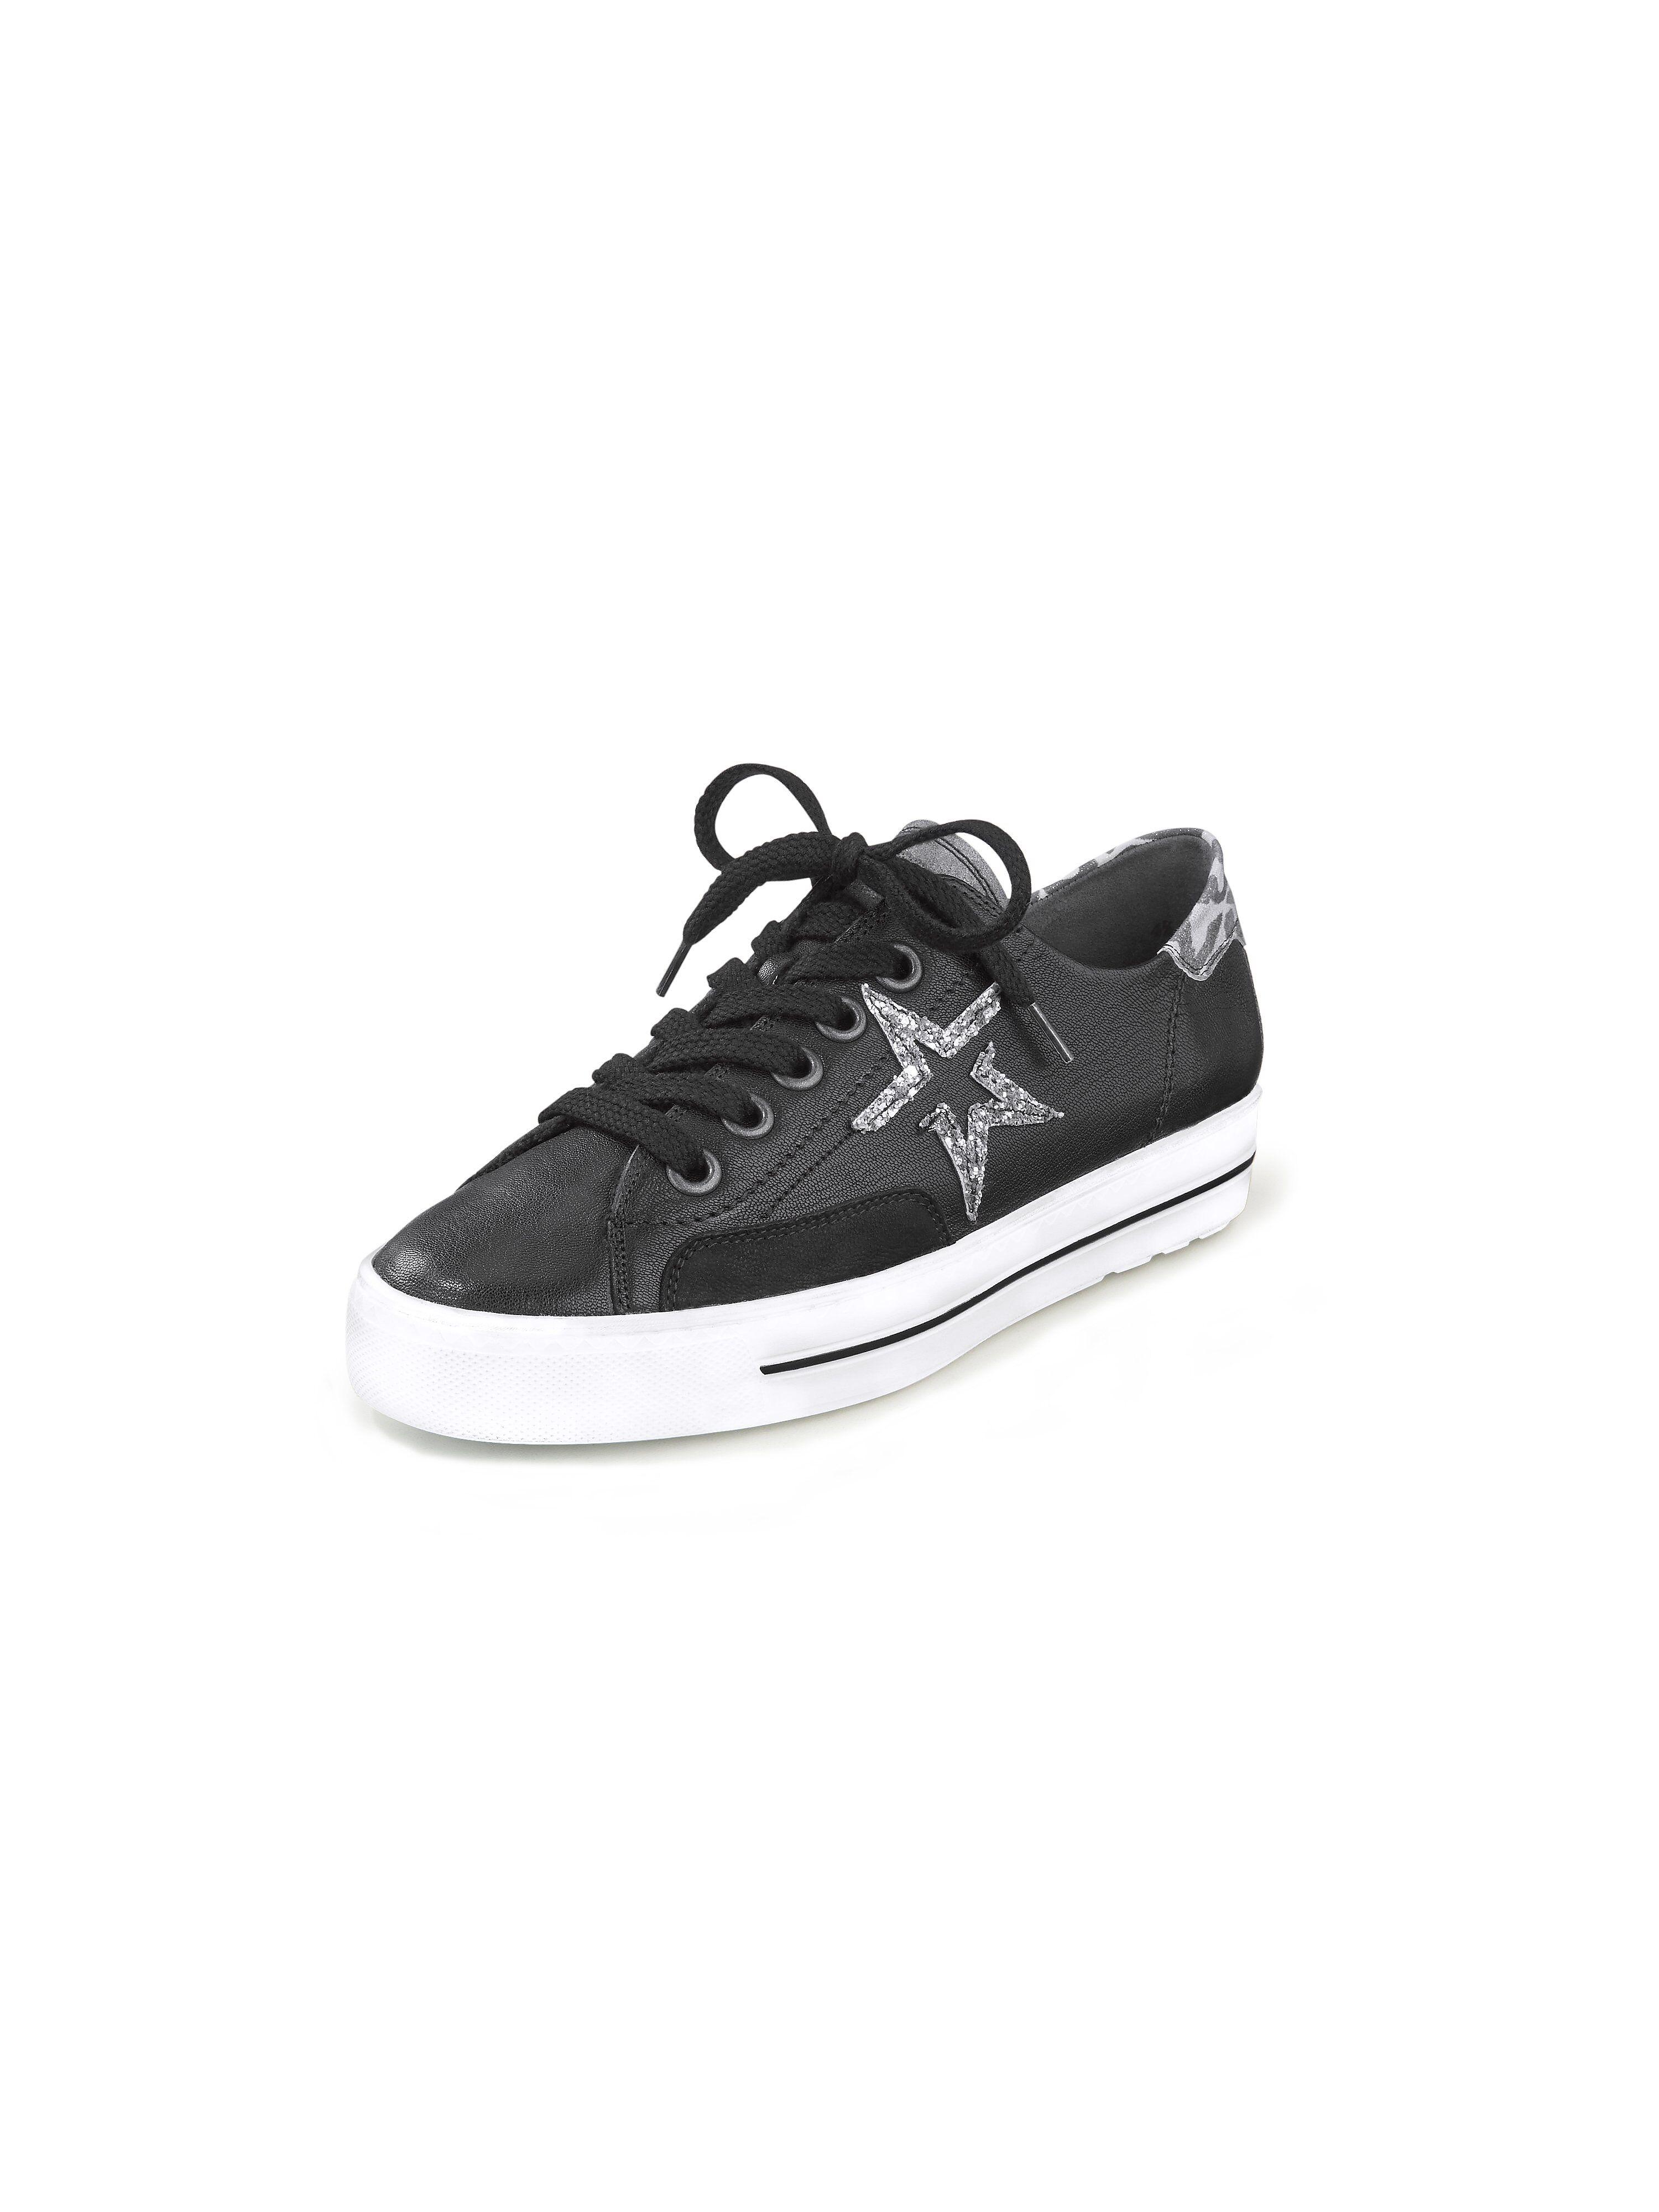 Paul Green Sneakers stjernemotiv Fra Paul Green sort